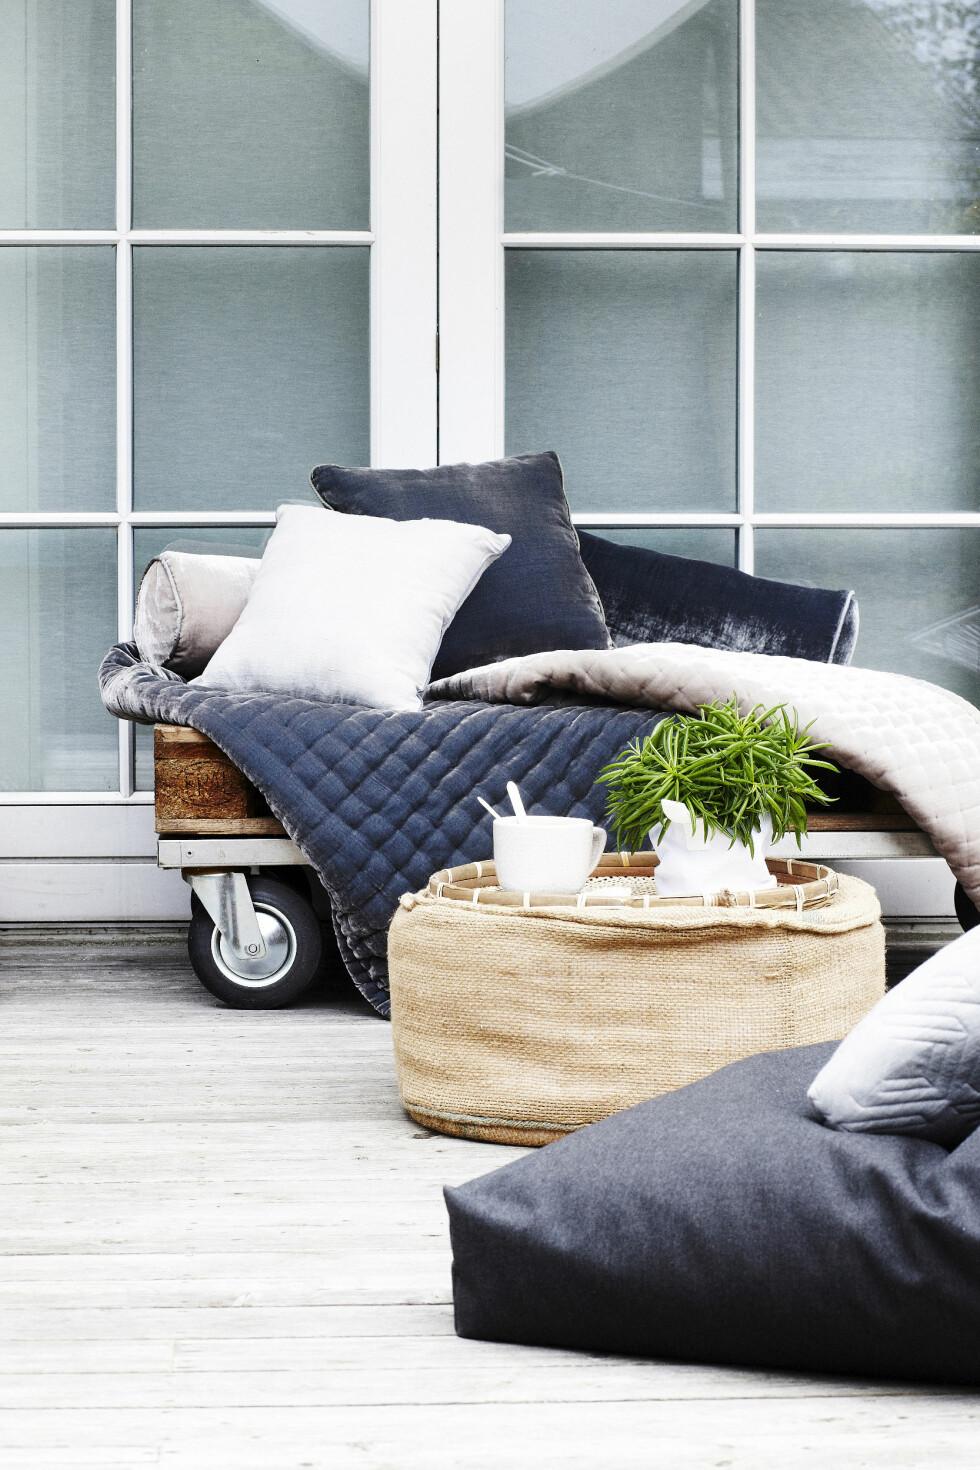 SOFA PÅ EN-TO-TRE: Det er jo en grunn til at pallemøbler er blitt så populært: Billig og enkelt. Denne mini-sofaen er laget ved å skru et hjul i hvert hjørne, legge en plate på toppen og så dekke den med tepper og puter.   Foto: Mette Wotkjær